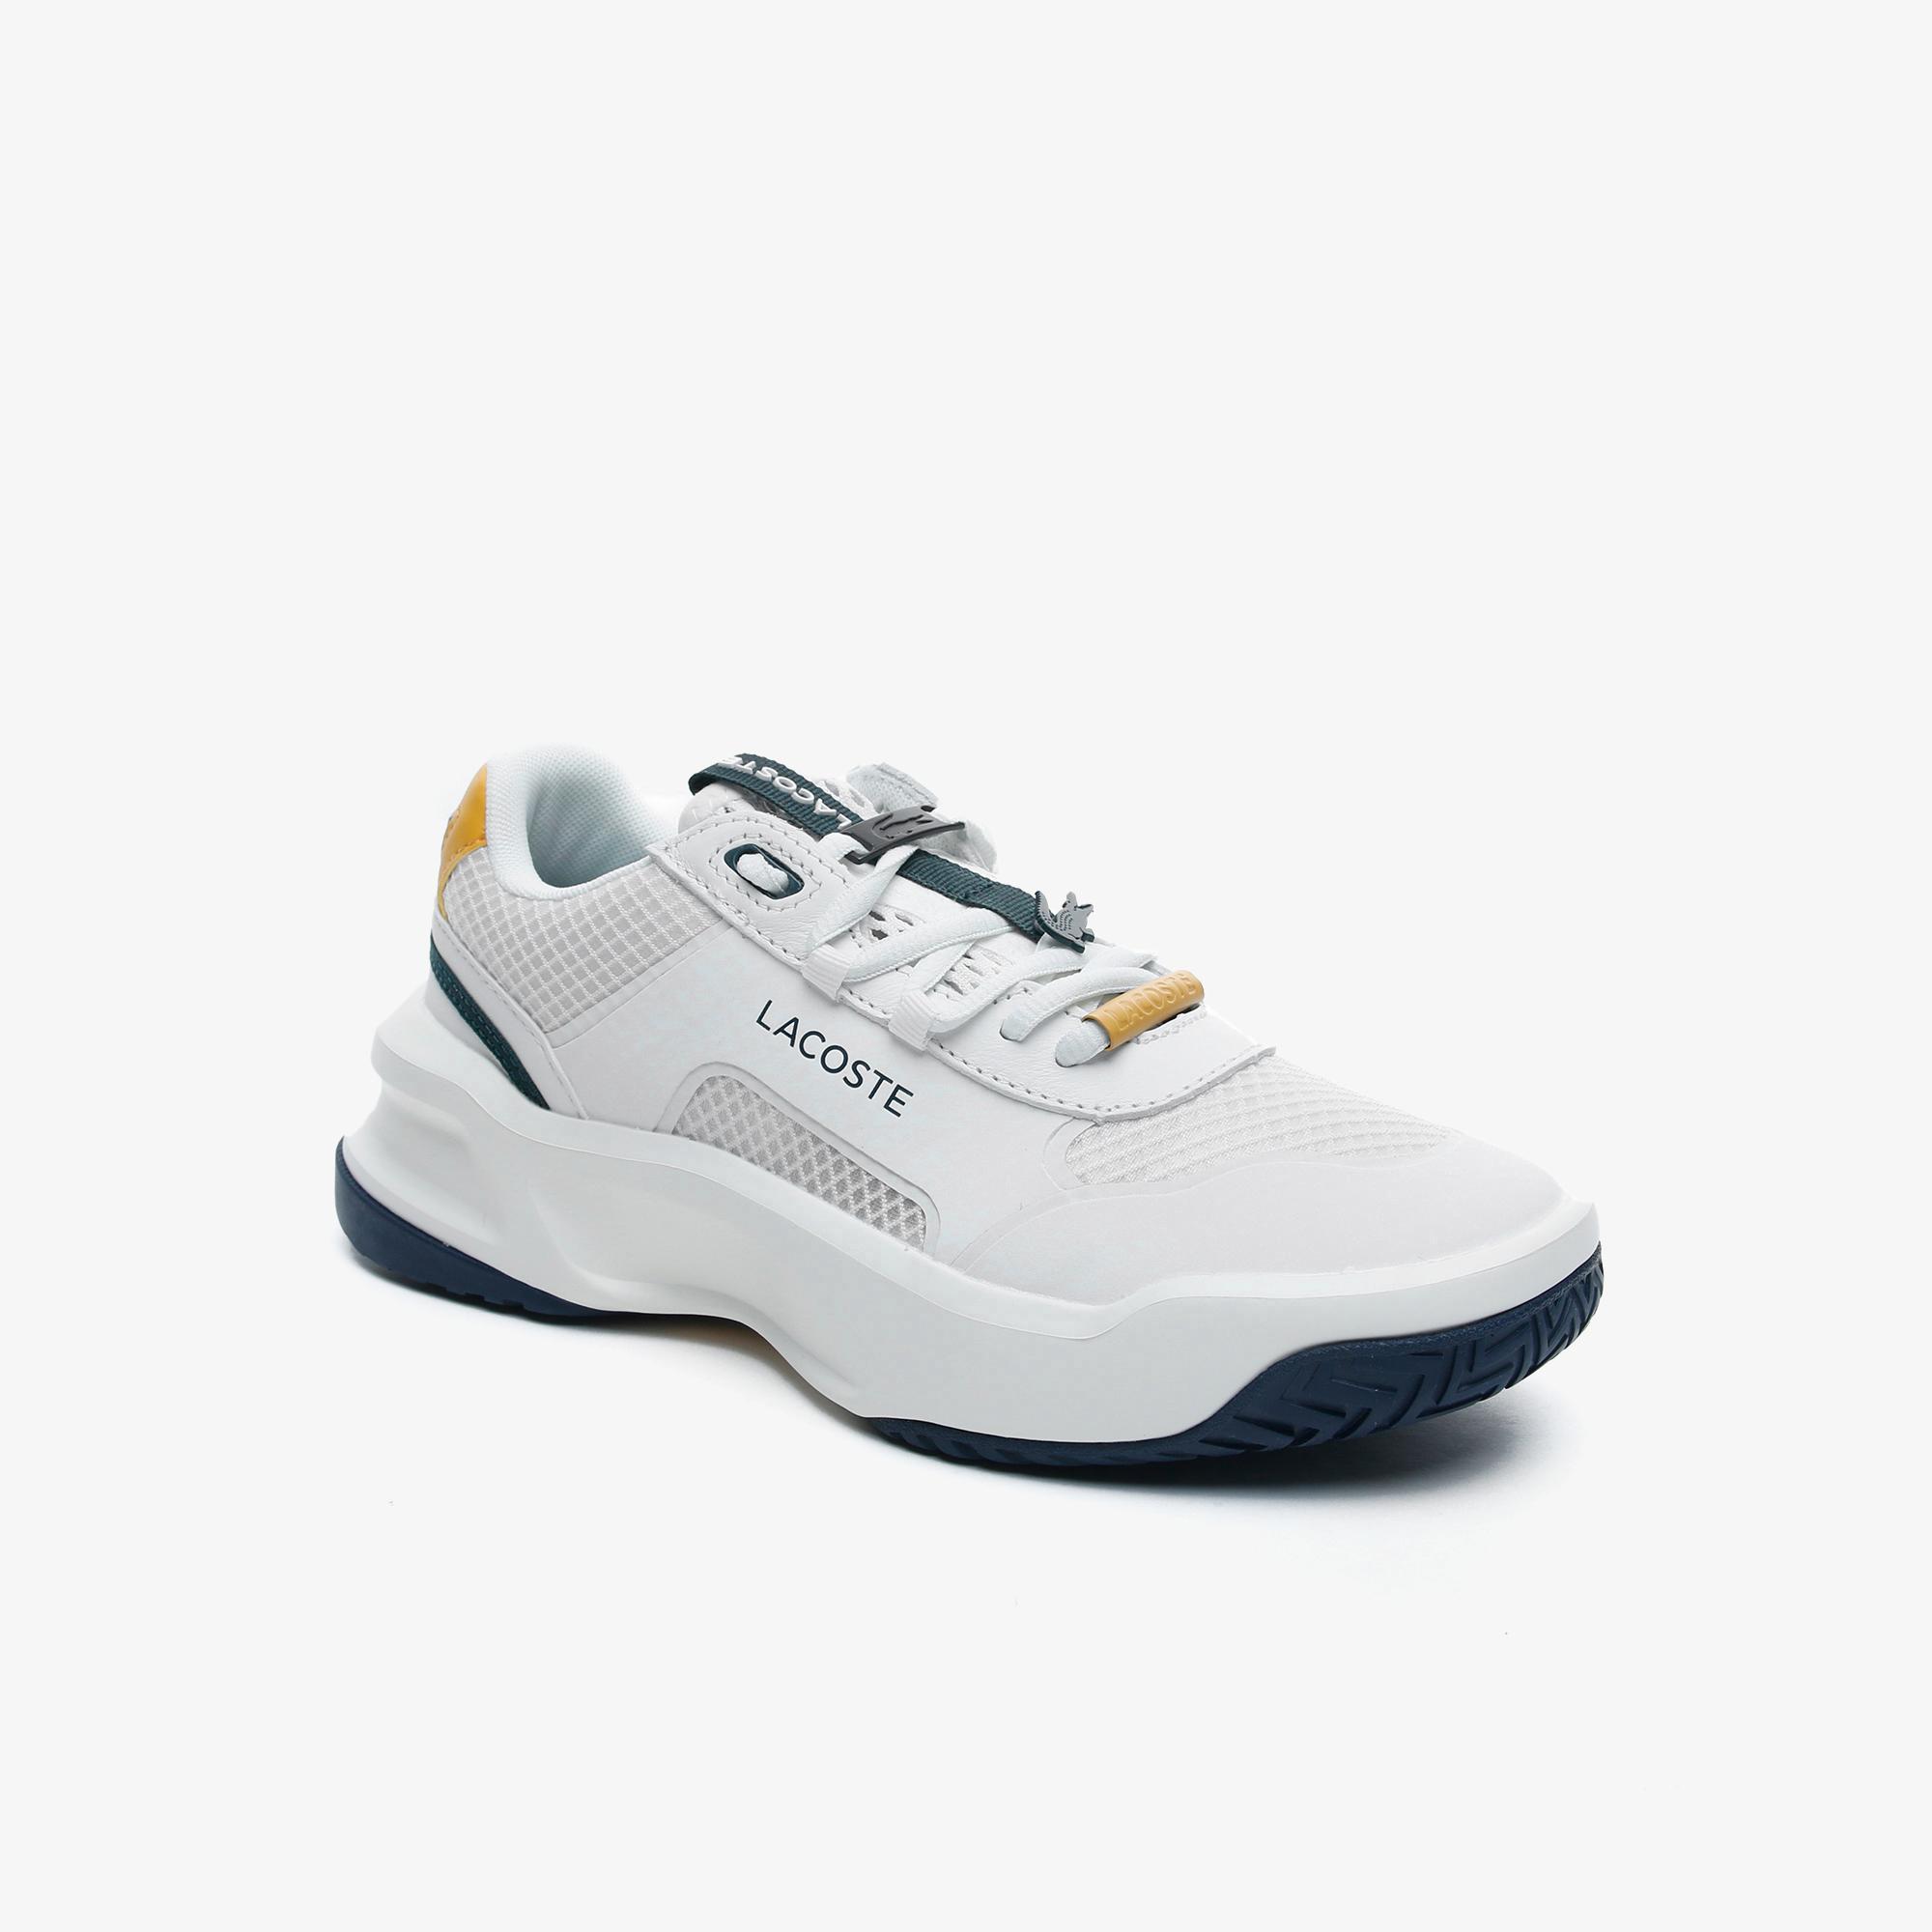 Lacoste Ace Lift Fly 0721 1 Sfa Kadın Beyaz - Lacivert Sneaker